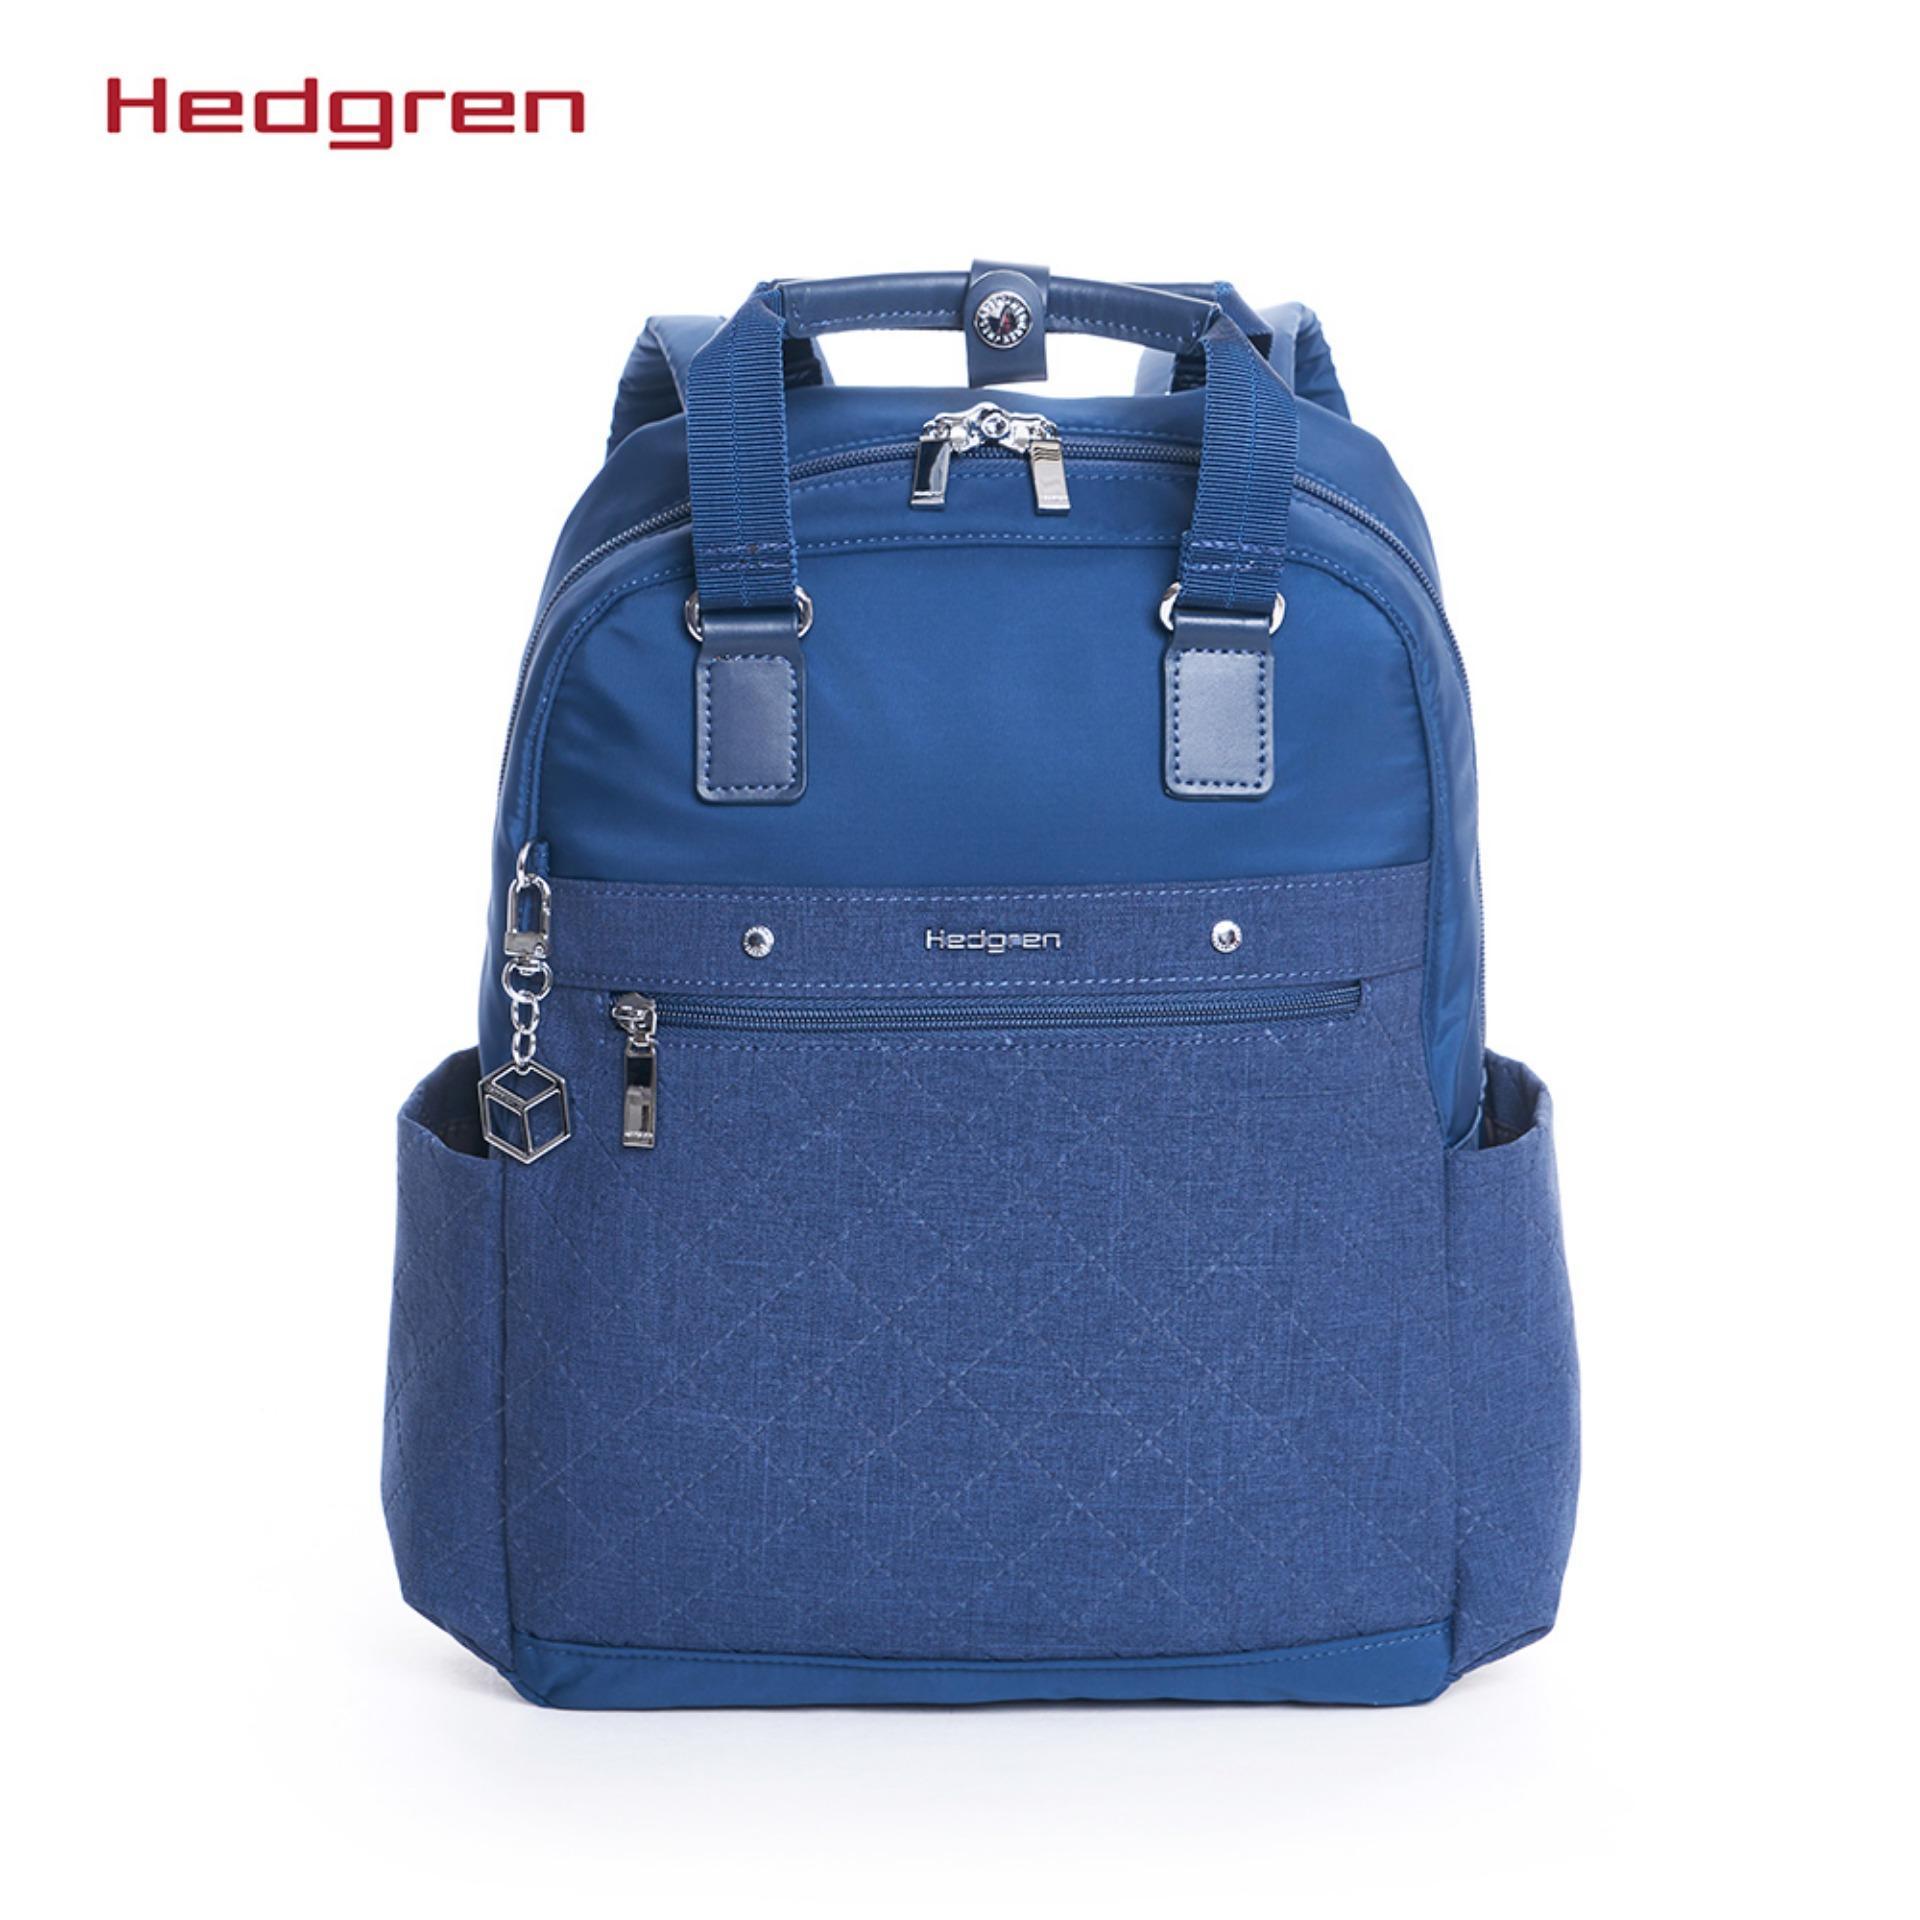 6317943d2 Hedgren Philippines: Hedgren price list - Shoulder Bags, Hand Bags ...